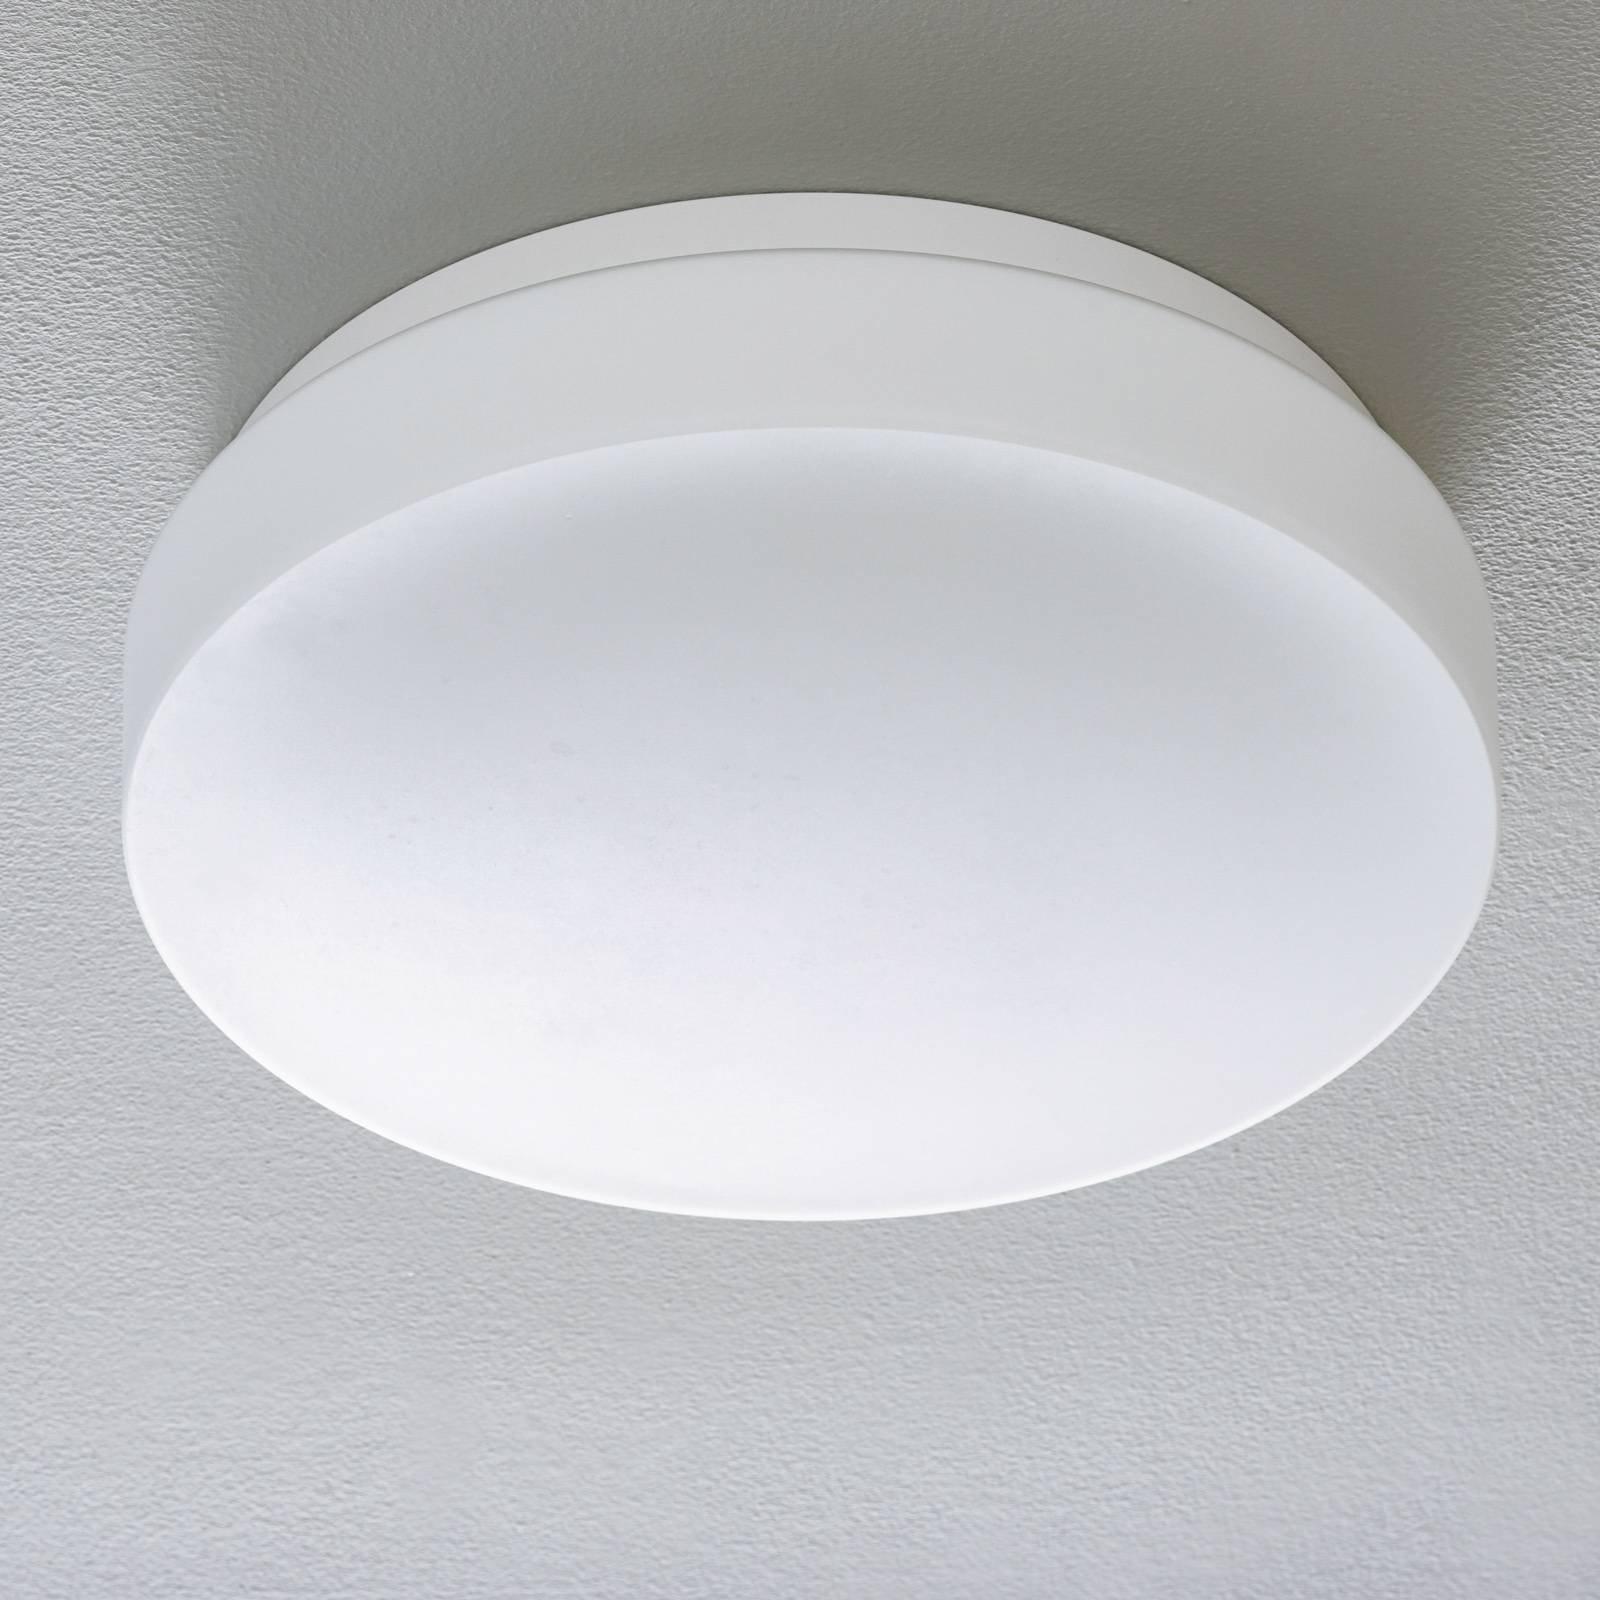 BEGA 50081 LED-taklampe DALI 3 000 K Ø47cm